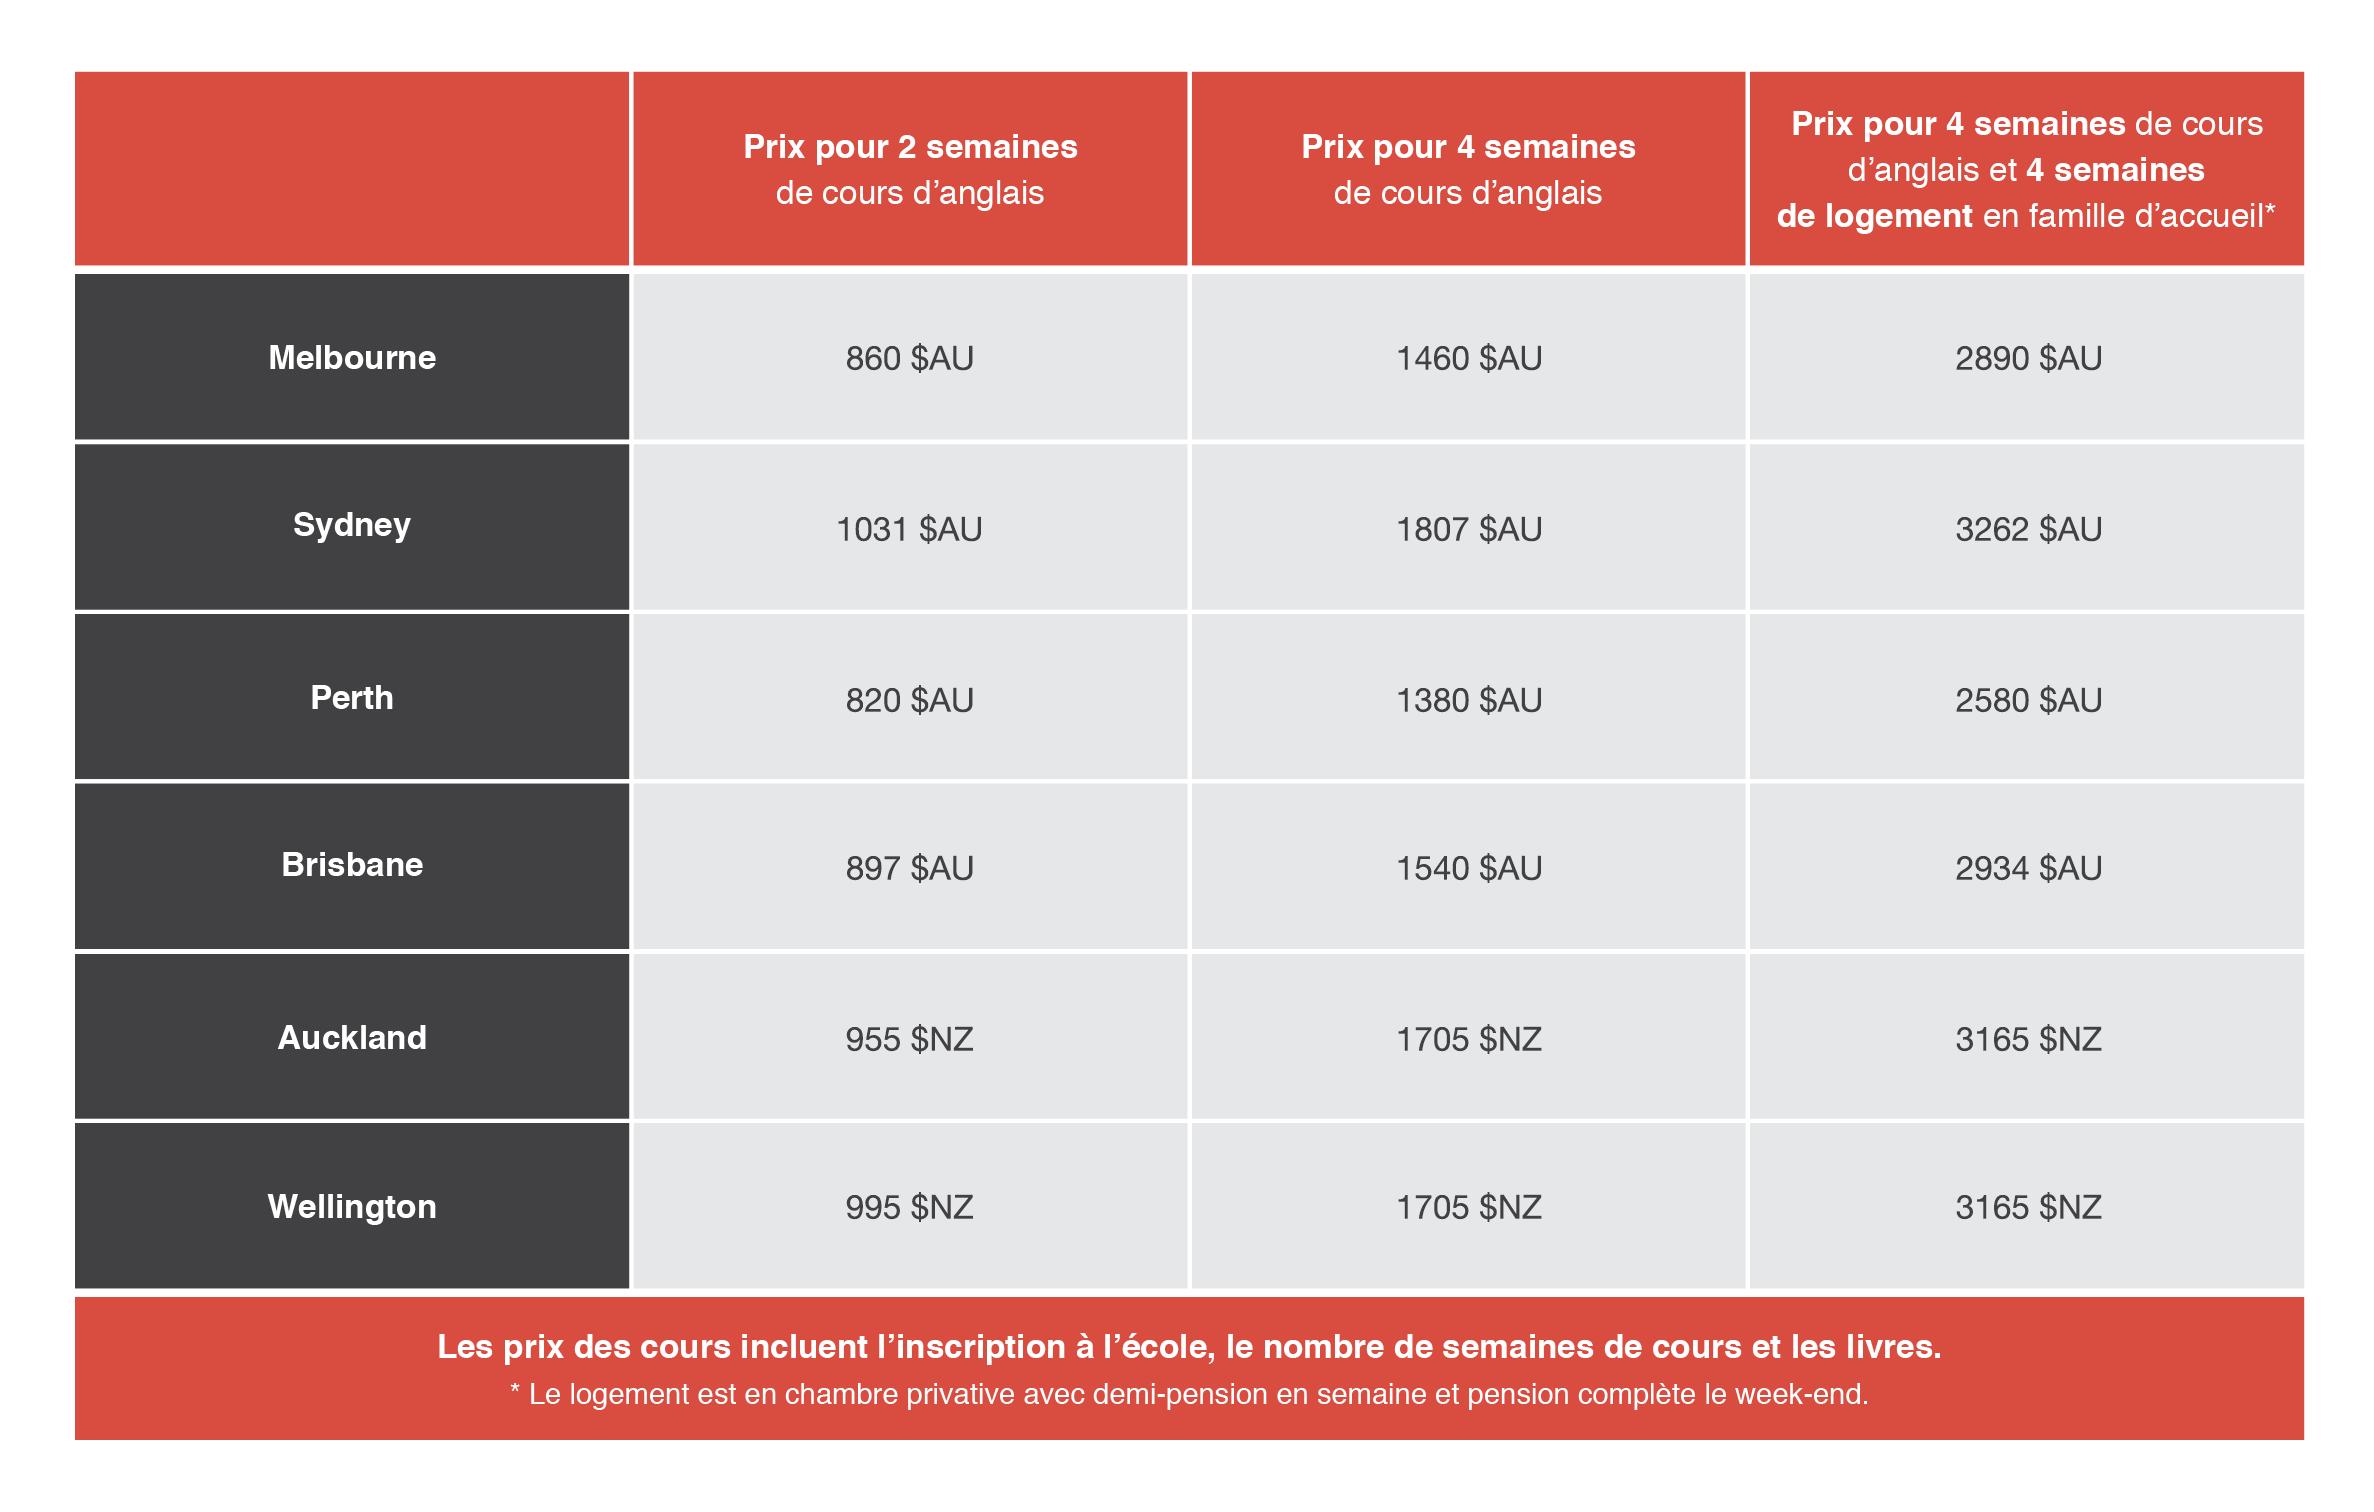 tarifs-cours-danglais-australie-nouvelle-zelande